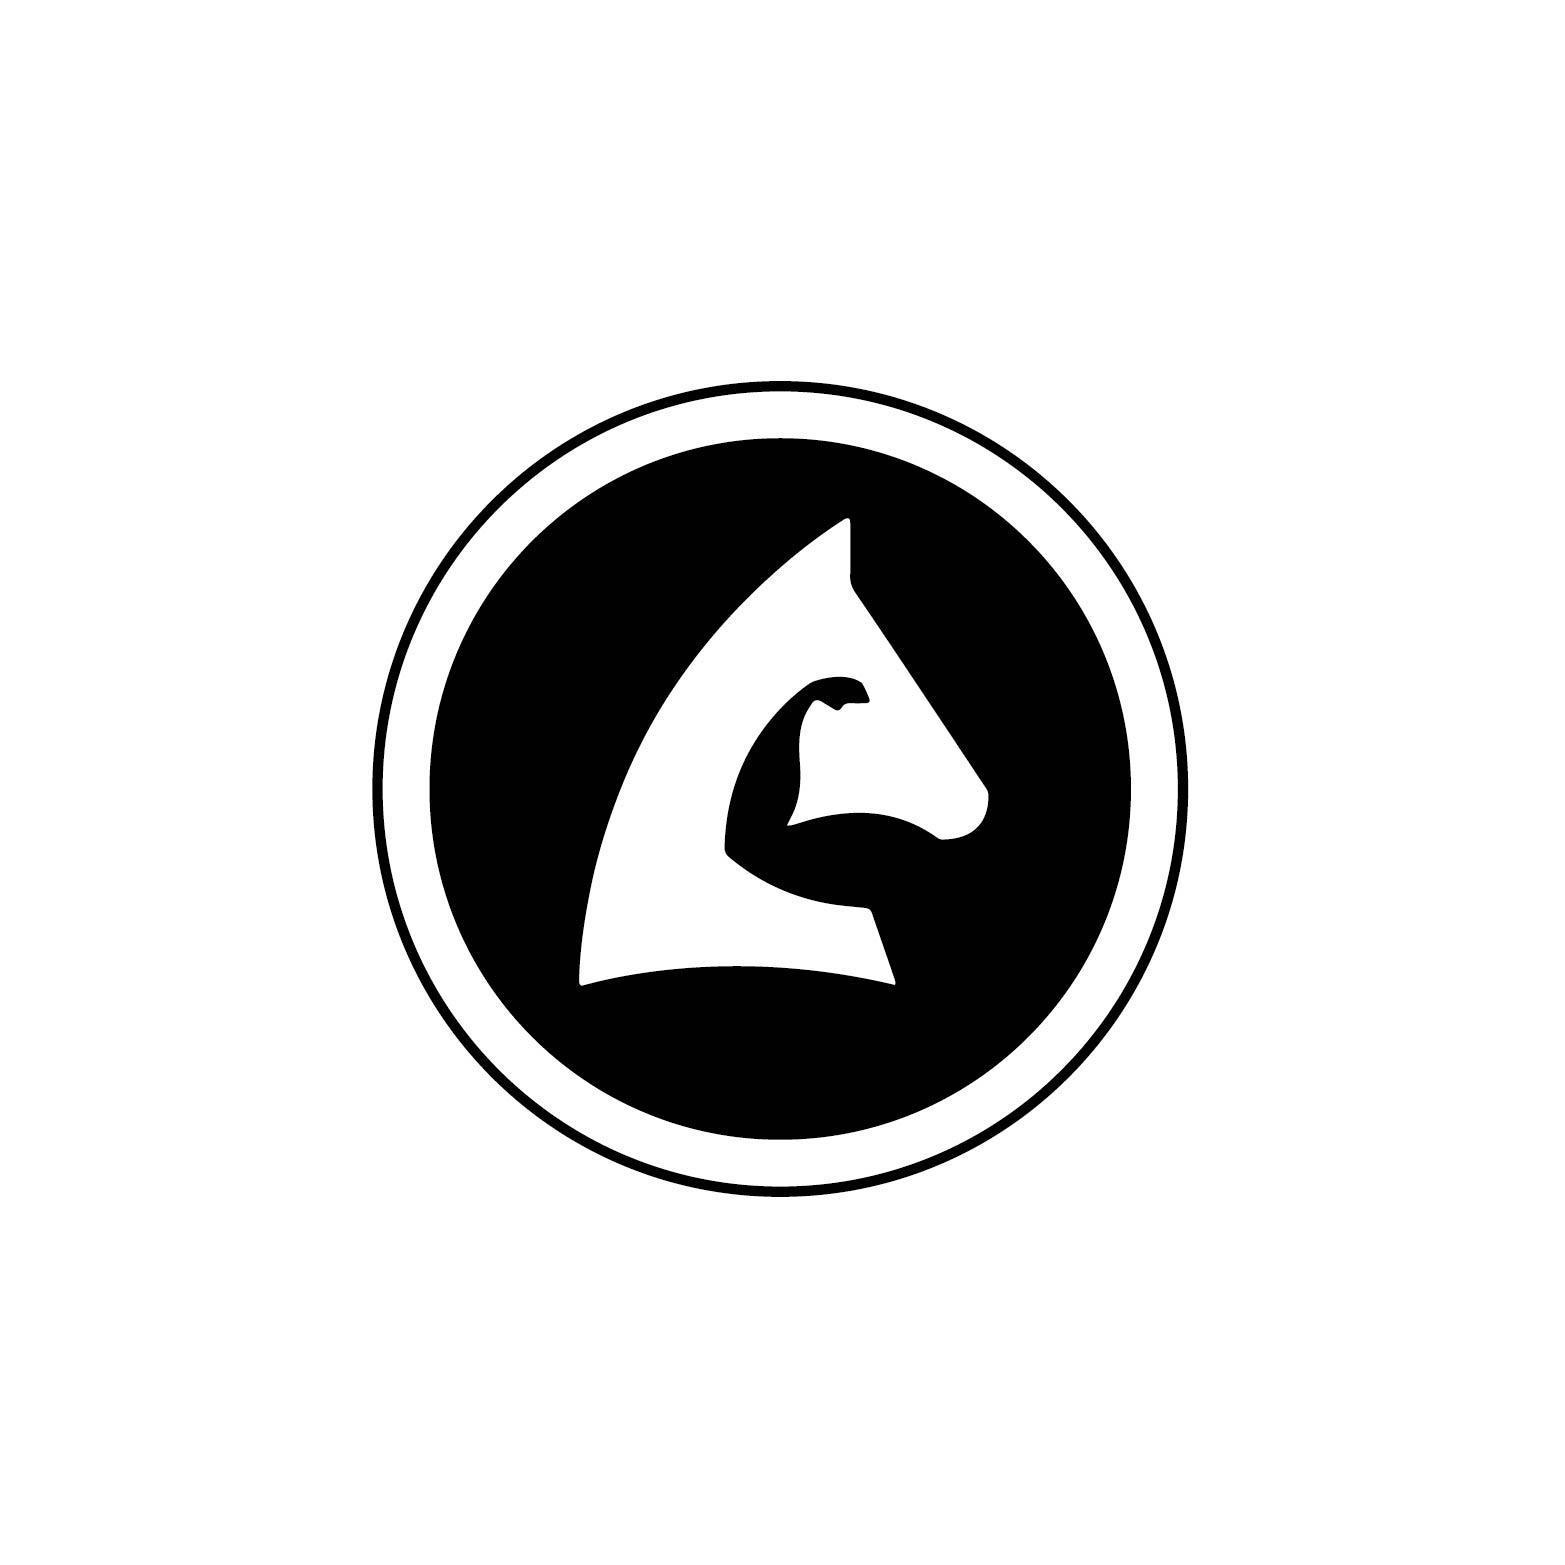 logo 标识 标志 设计 矢量 矢量图 素材 图标 1565_1565